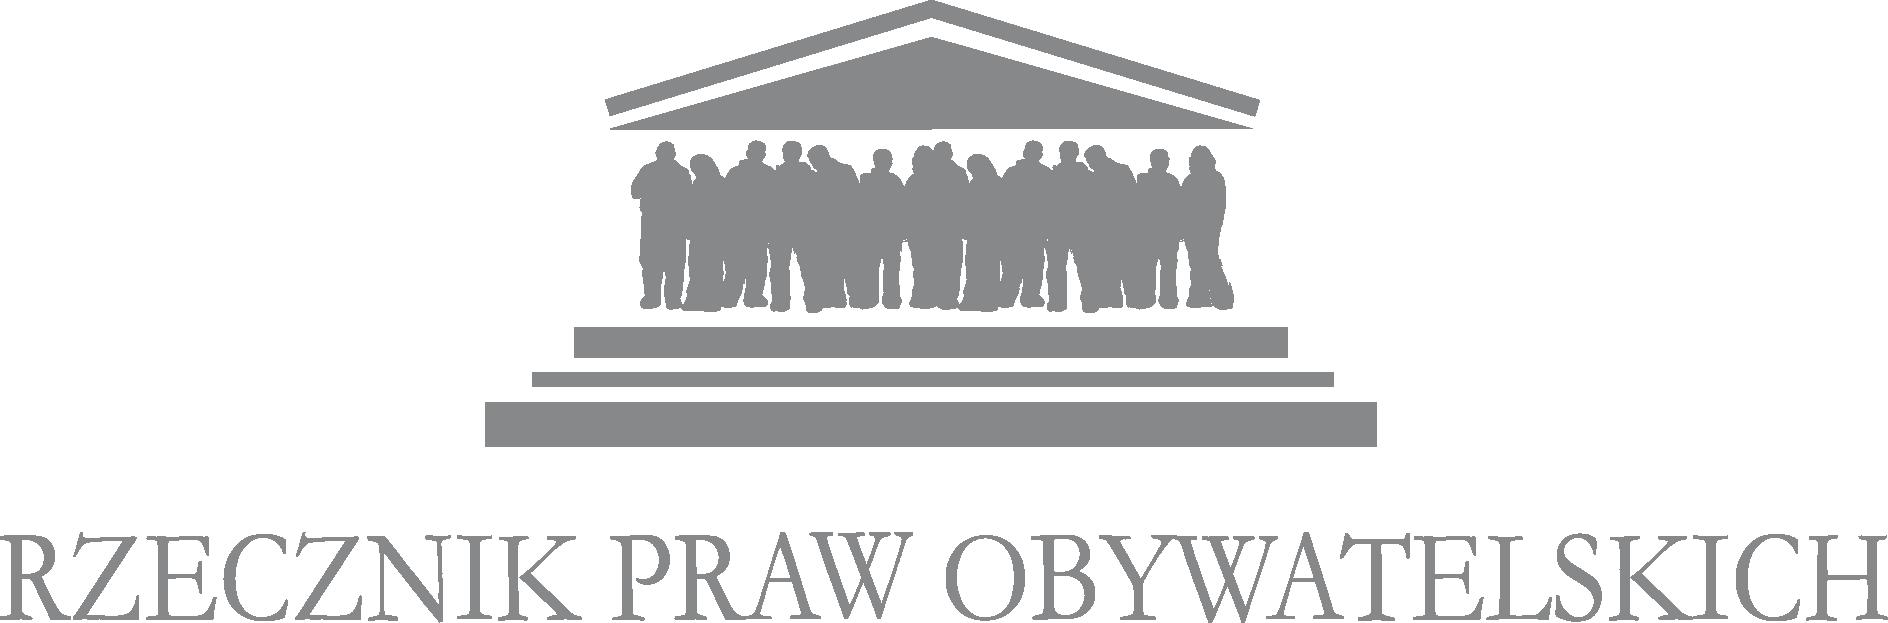 logo Rzecznik Praw Obywatelskich